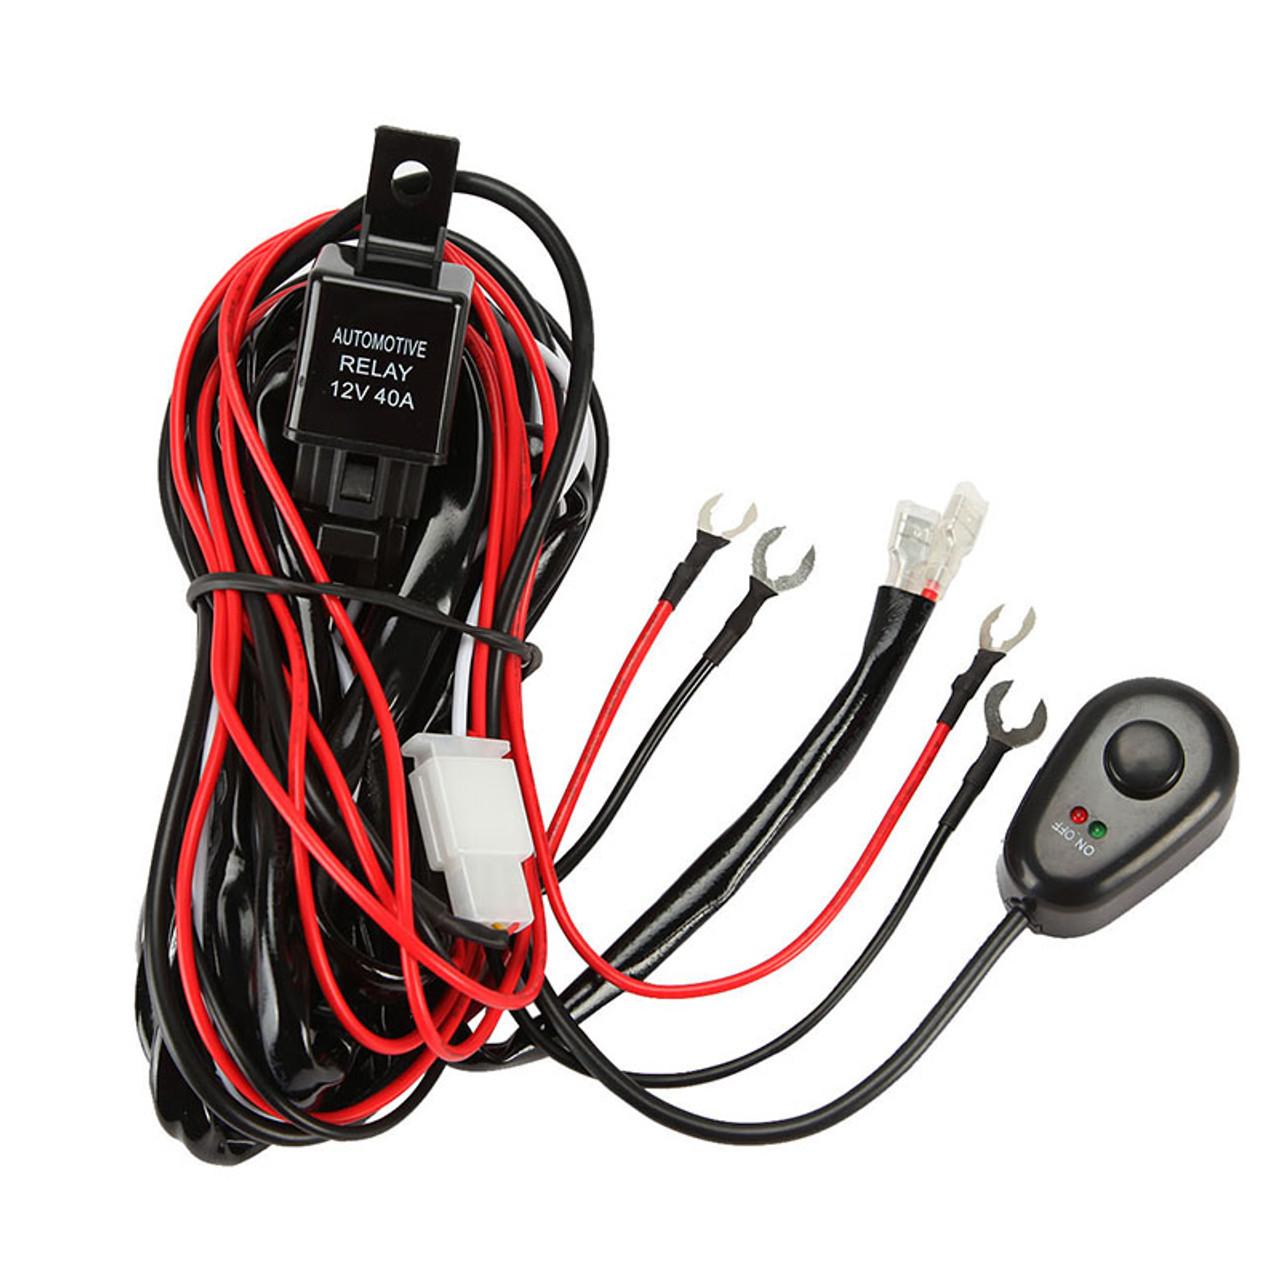 12V 40A LED Light Bar Wiring Harness Kit (Single Light) - 4x4TruckLEDs.com4x4TruckLEDs.com